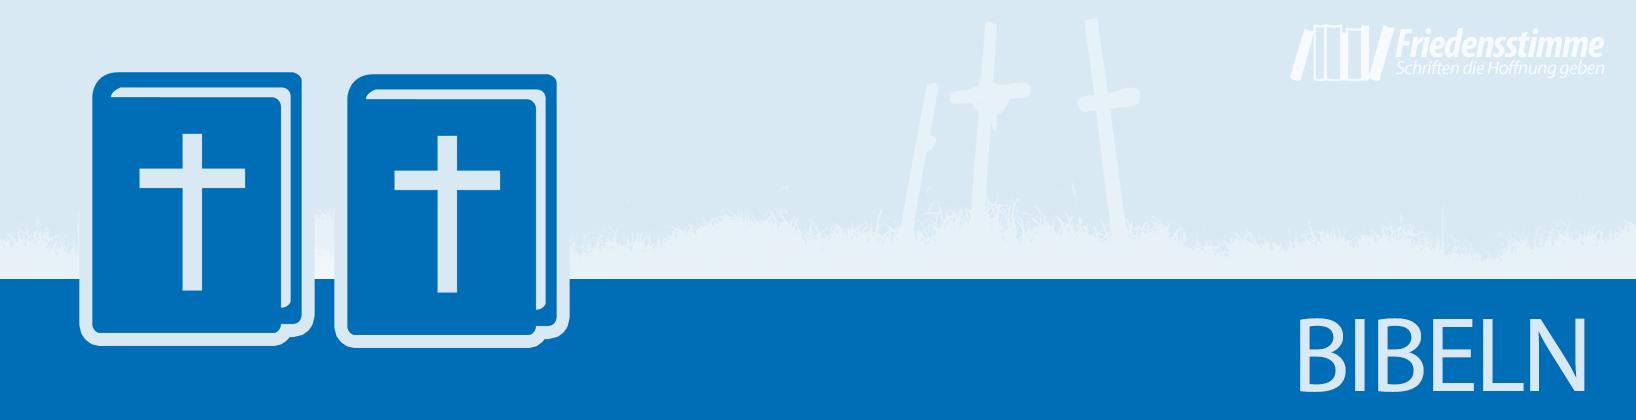 Banner_Kategorie_Bibel_01